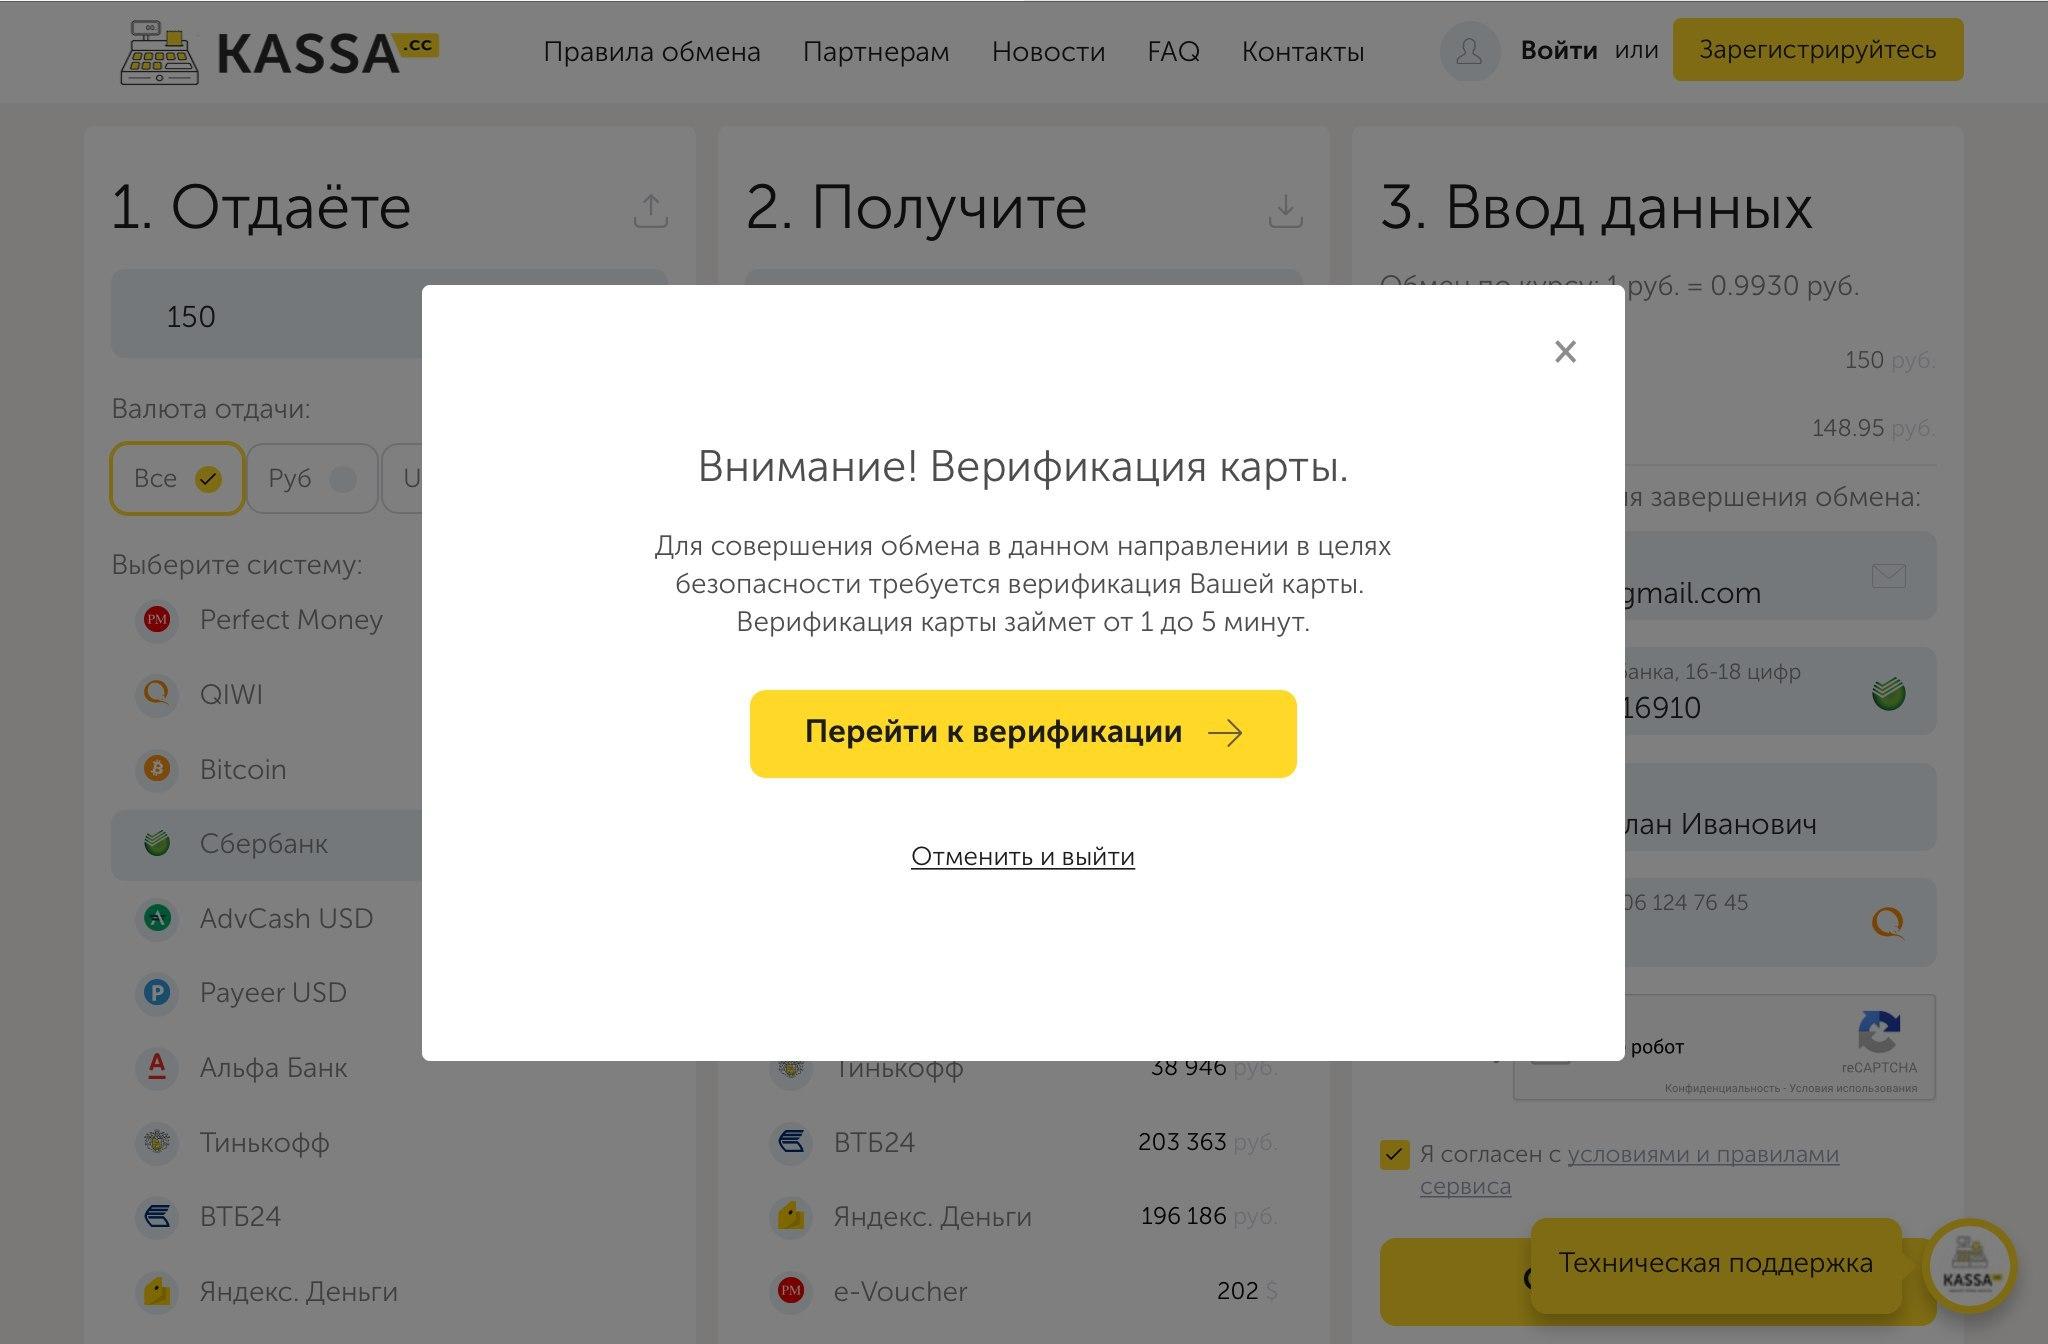 Kassa.cc - единый обмен валюты. Перевод с карты Сбербанка на QIWI RUB